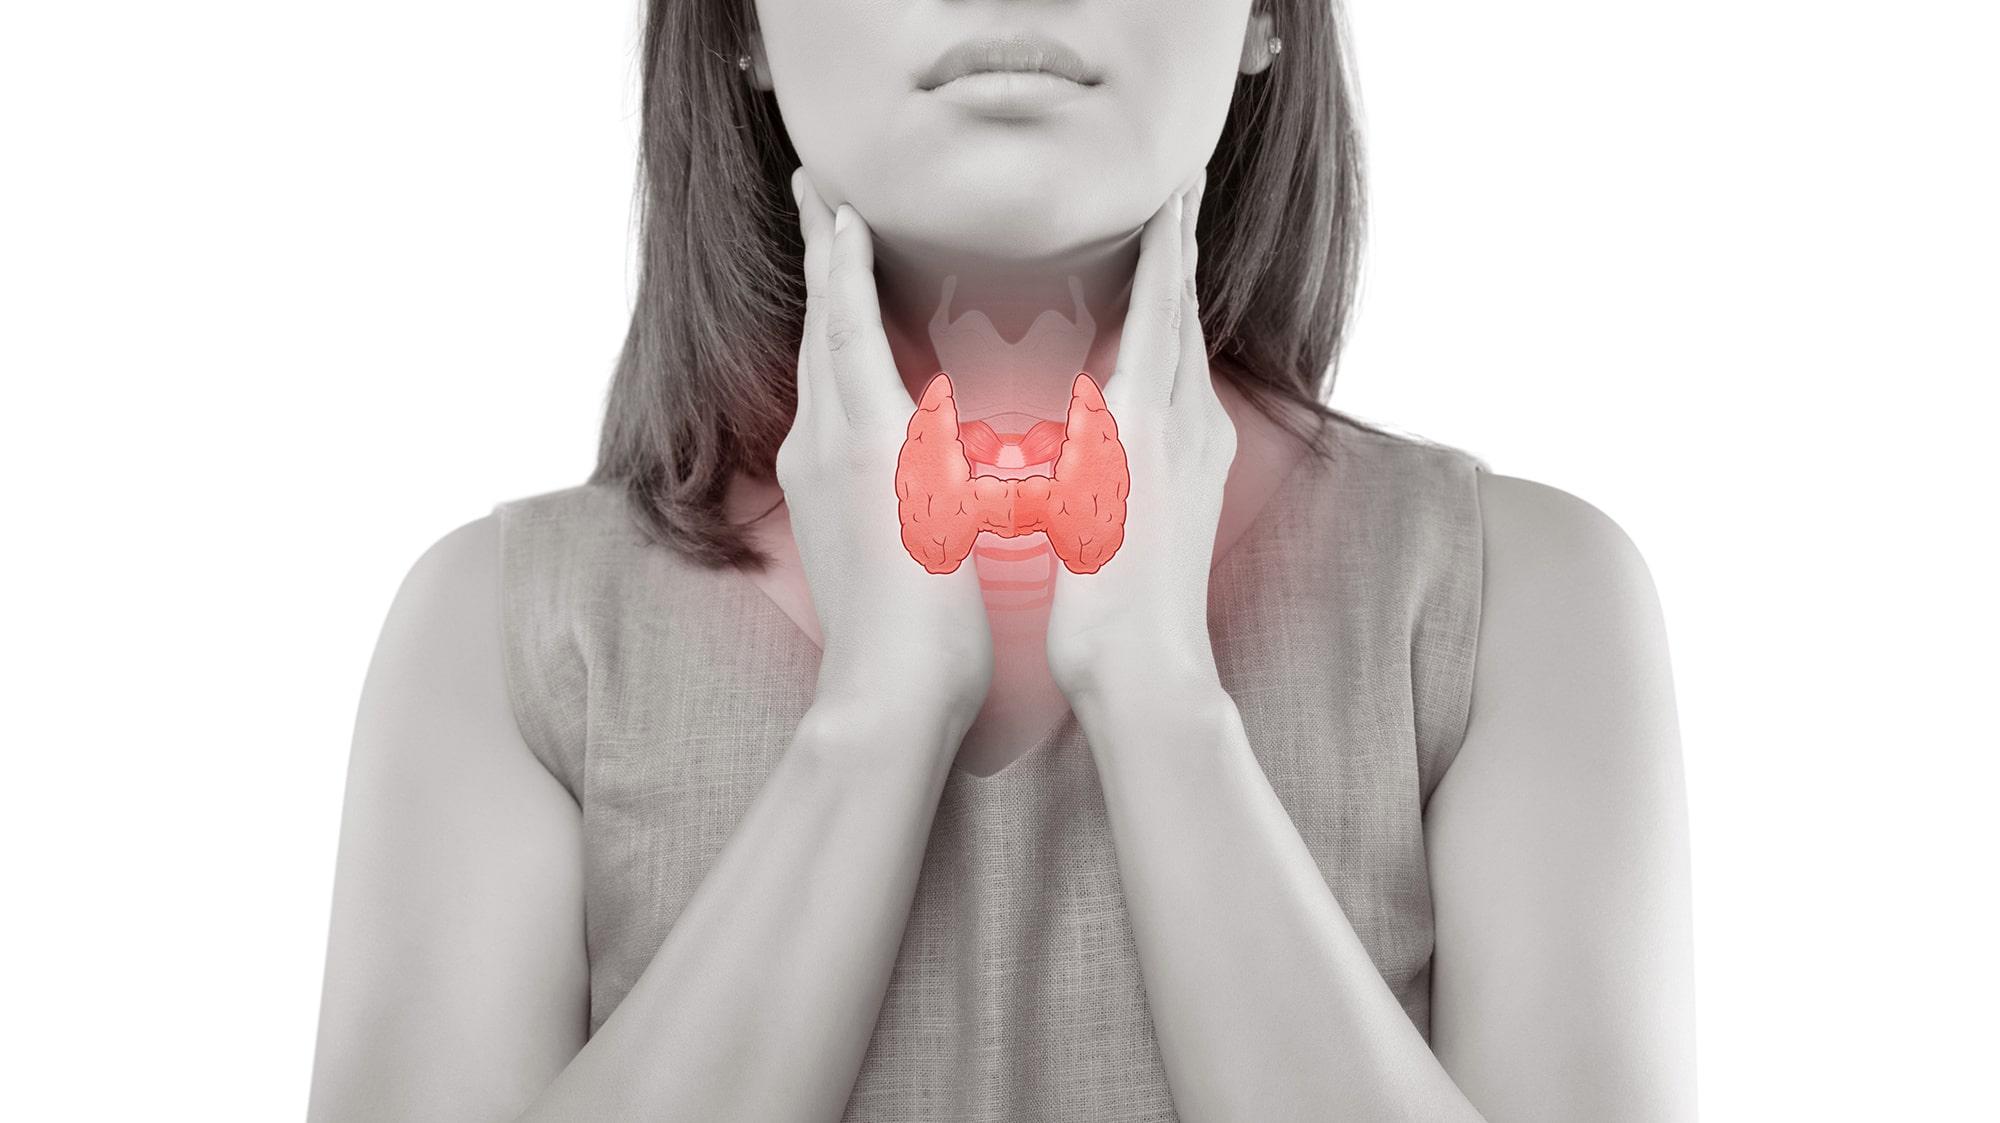 sköldkörtel symtom kvinna